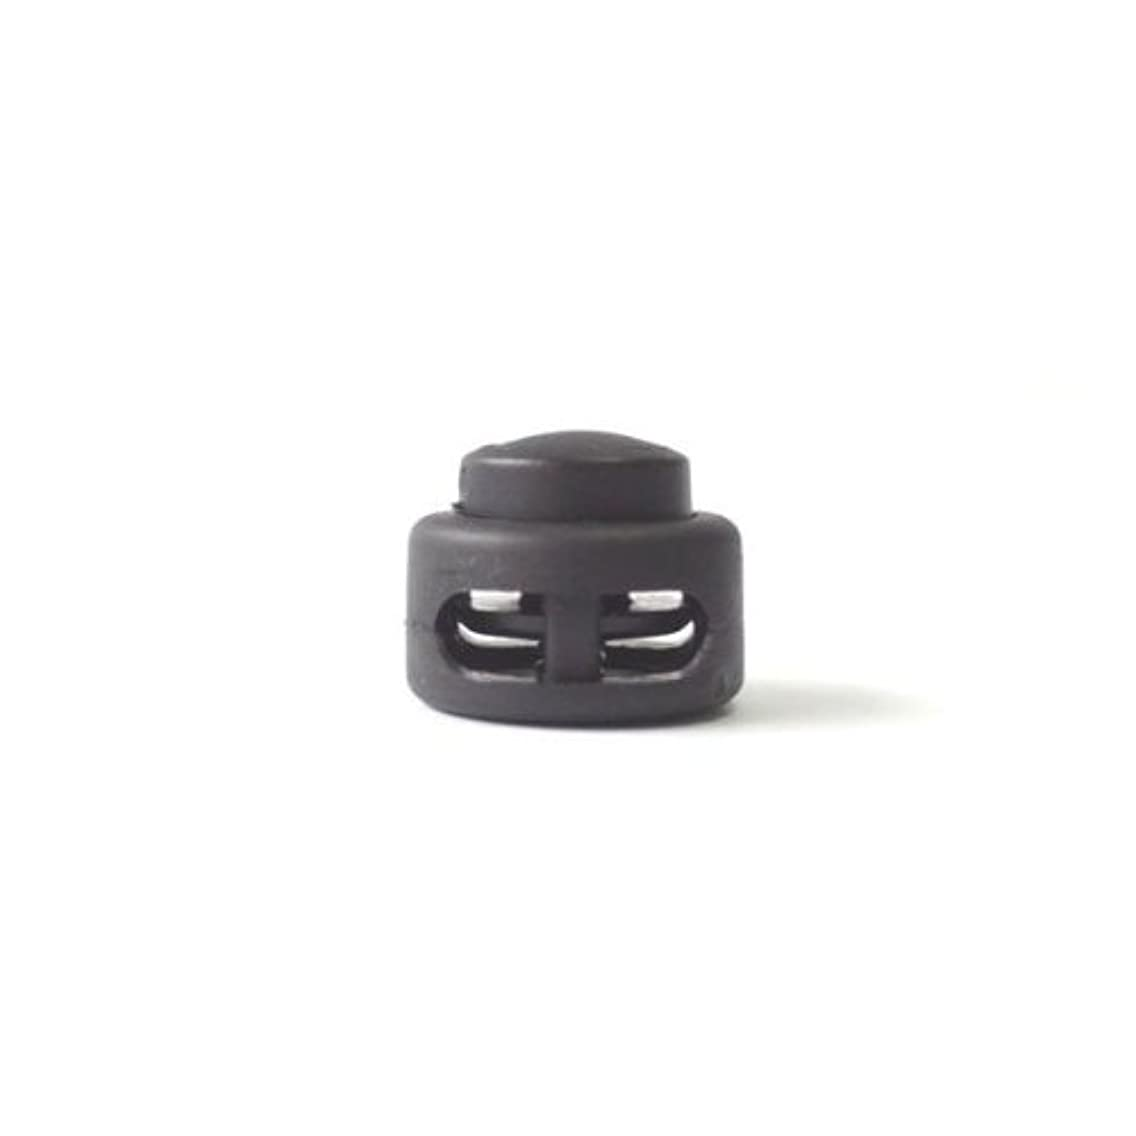 出血大佐マスクDue emme Disco プラスチック コードストッパー 直径約3mm用 2つ穴タイプ コード、紐、ゴムの長さ調節などに